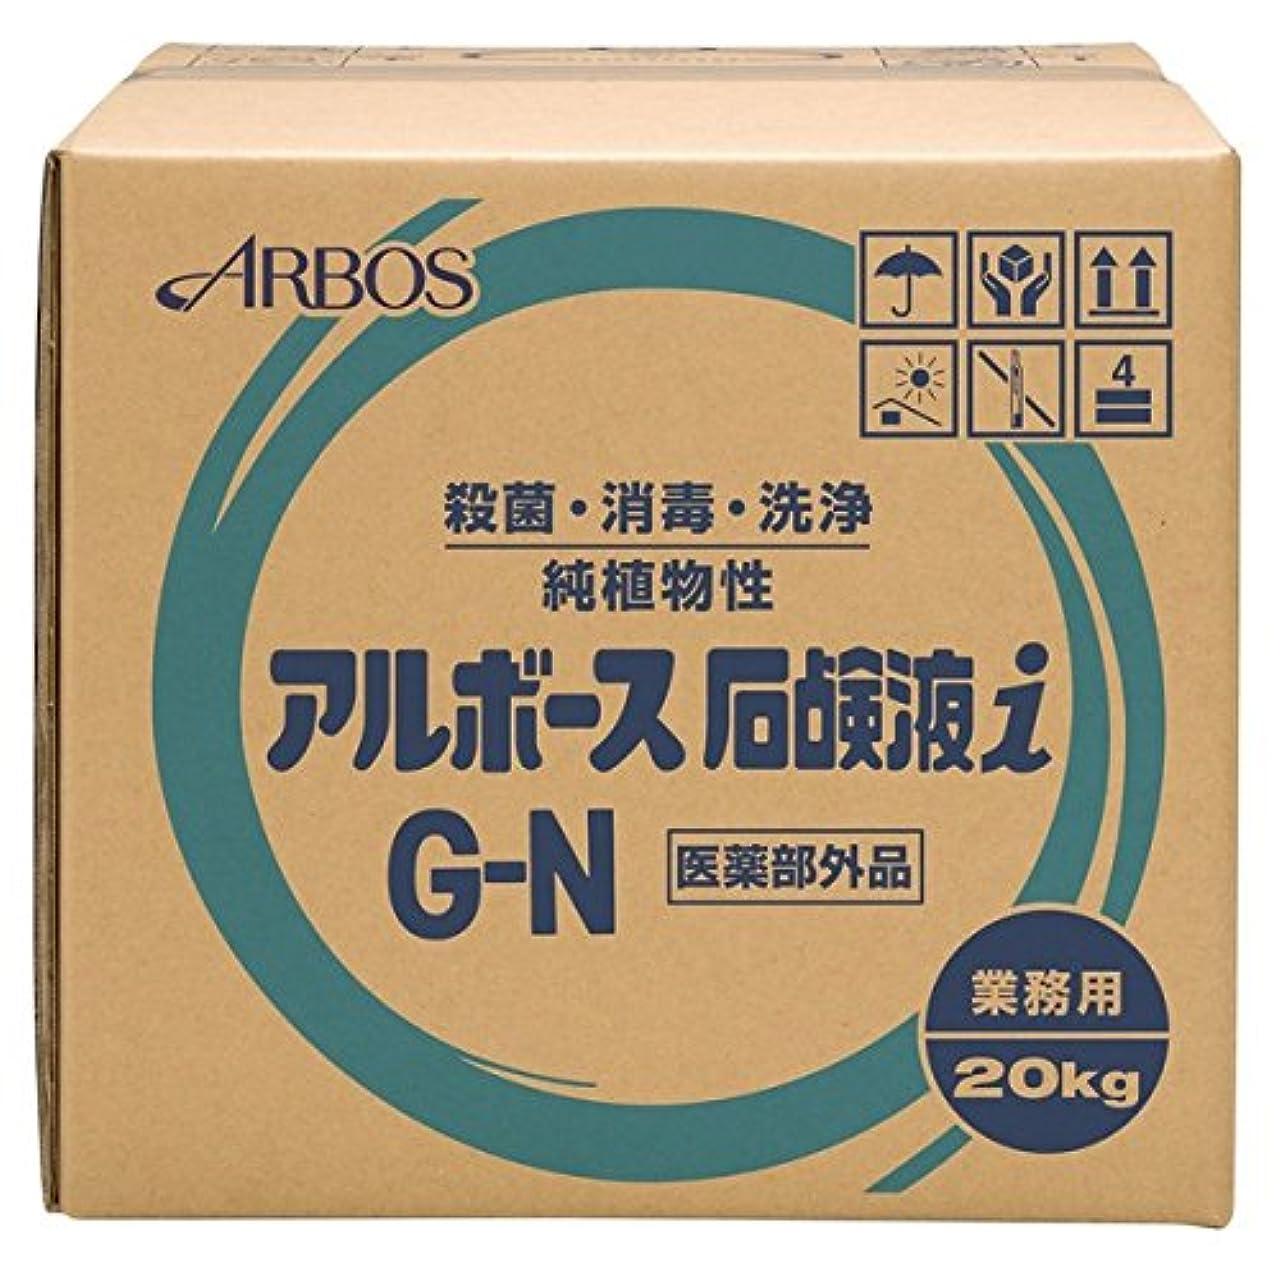 気怠いメールトライアスロンアルボース 薬用ハンドソープ アルボース石鹸液i G-N 濃縮タイプ 20kg